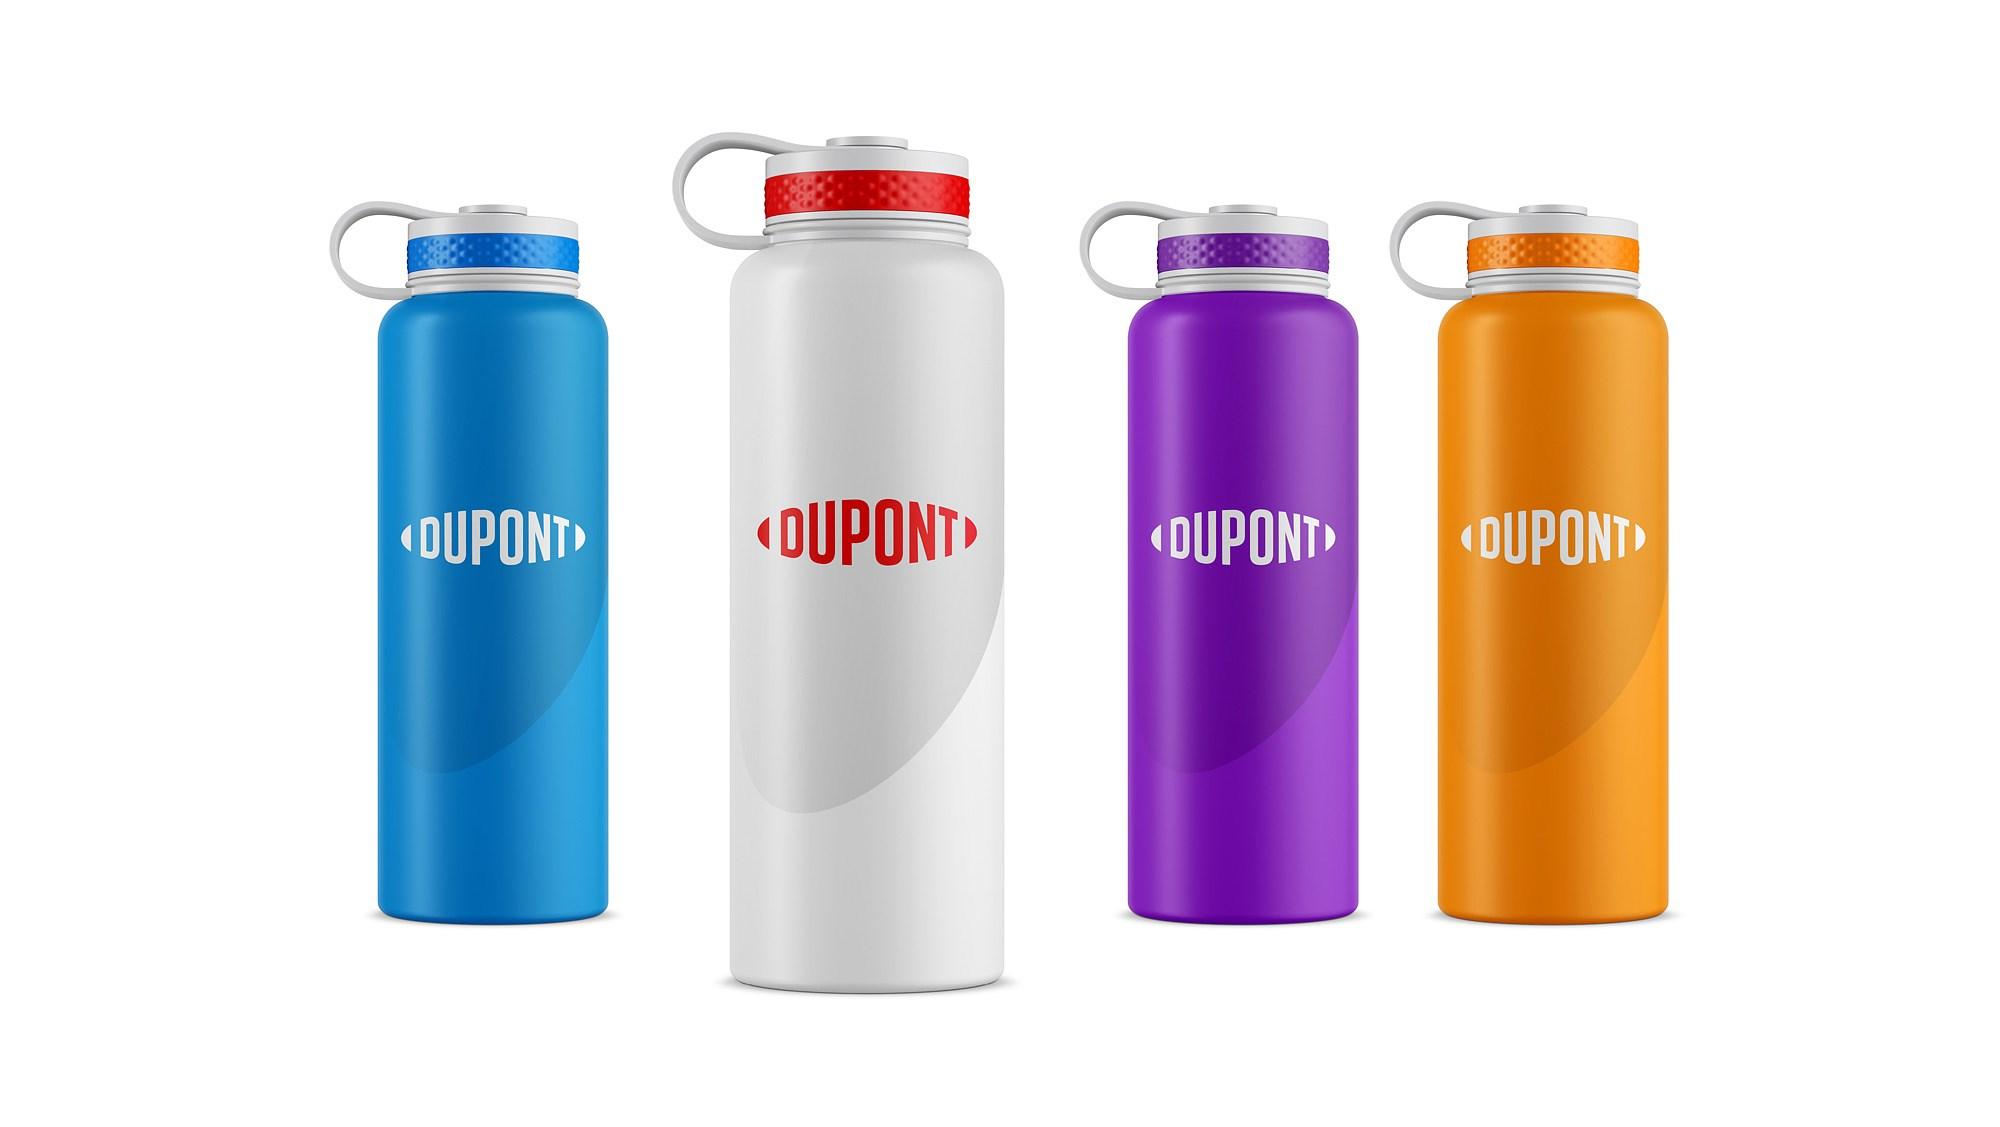 07-dupont_bottles.jpg